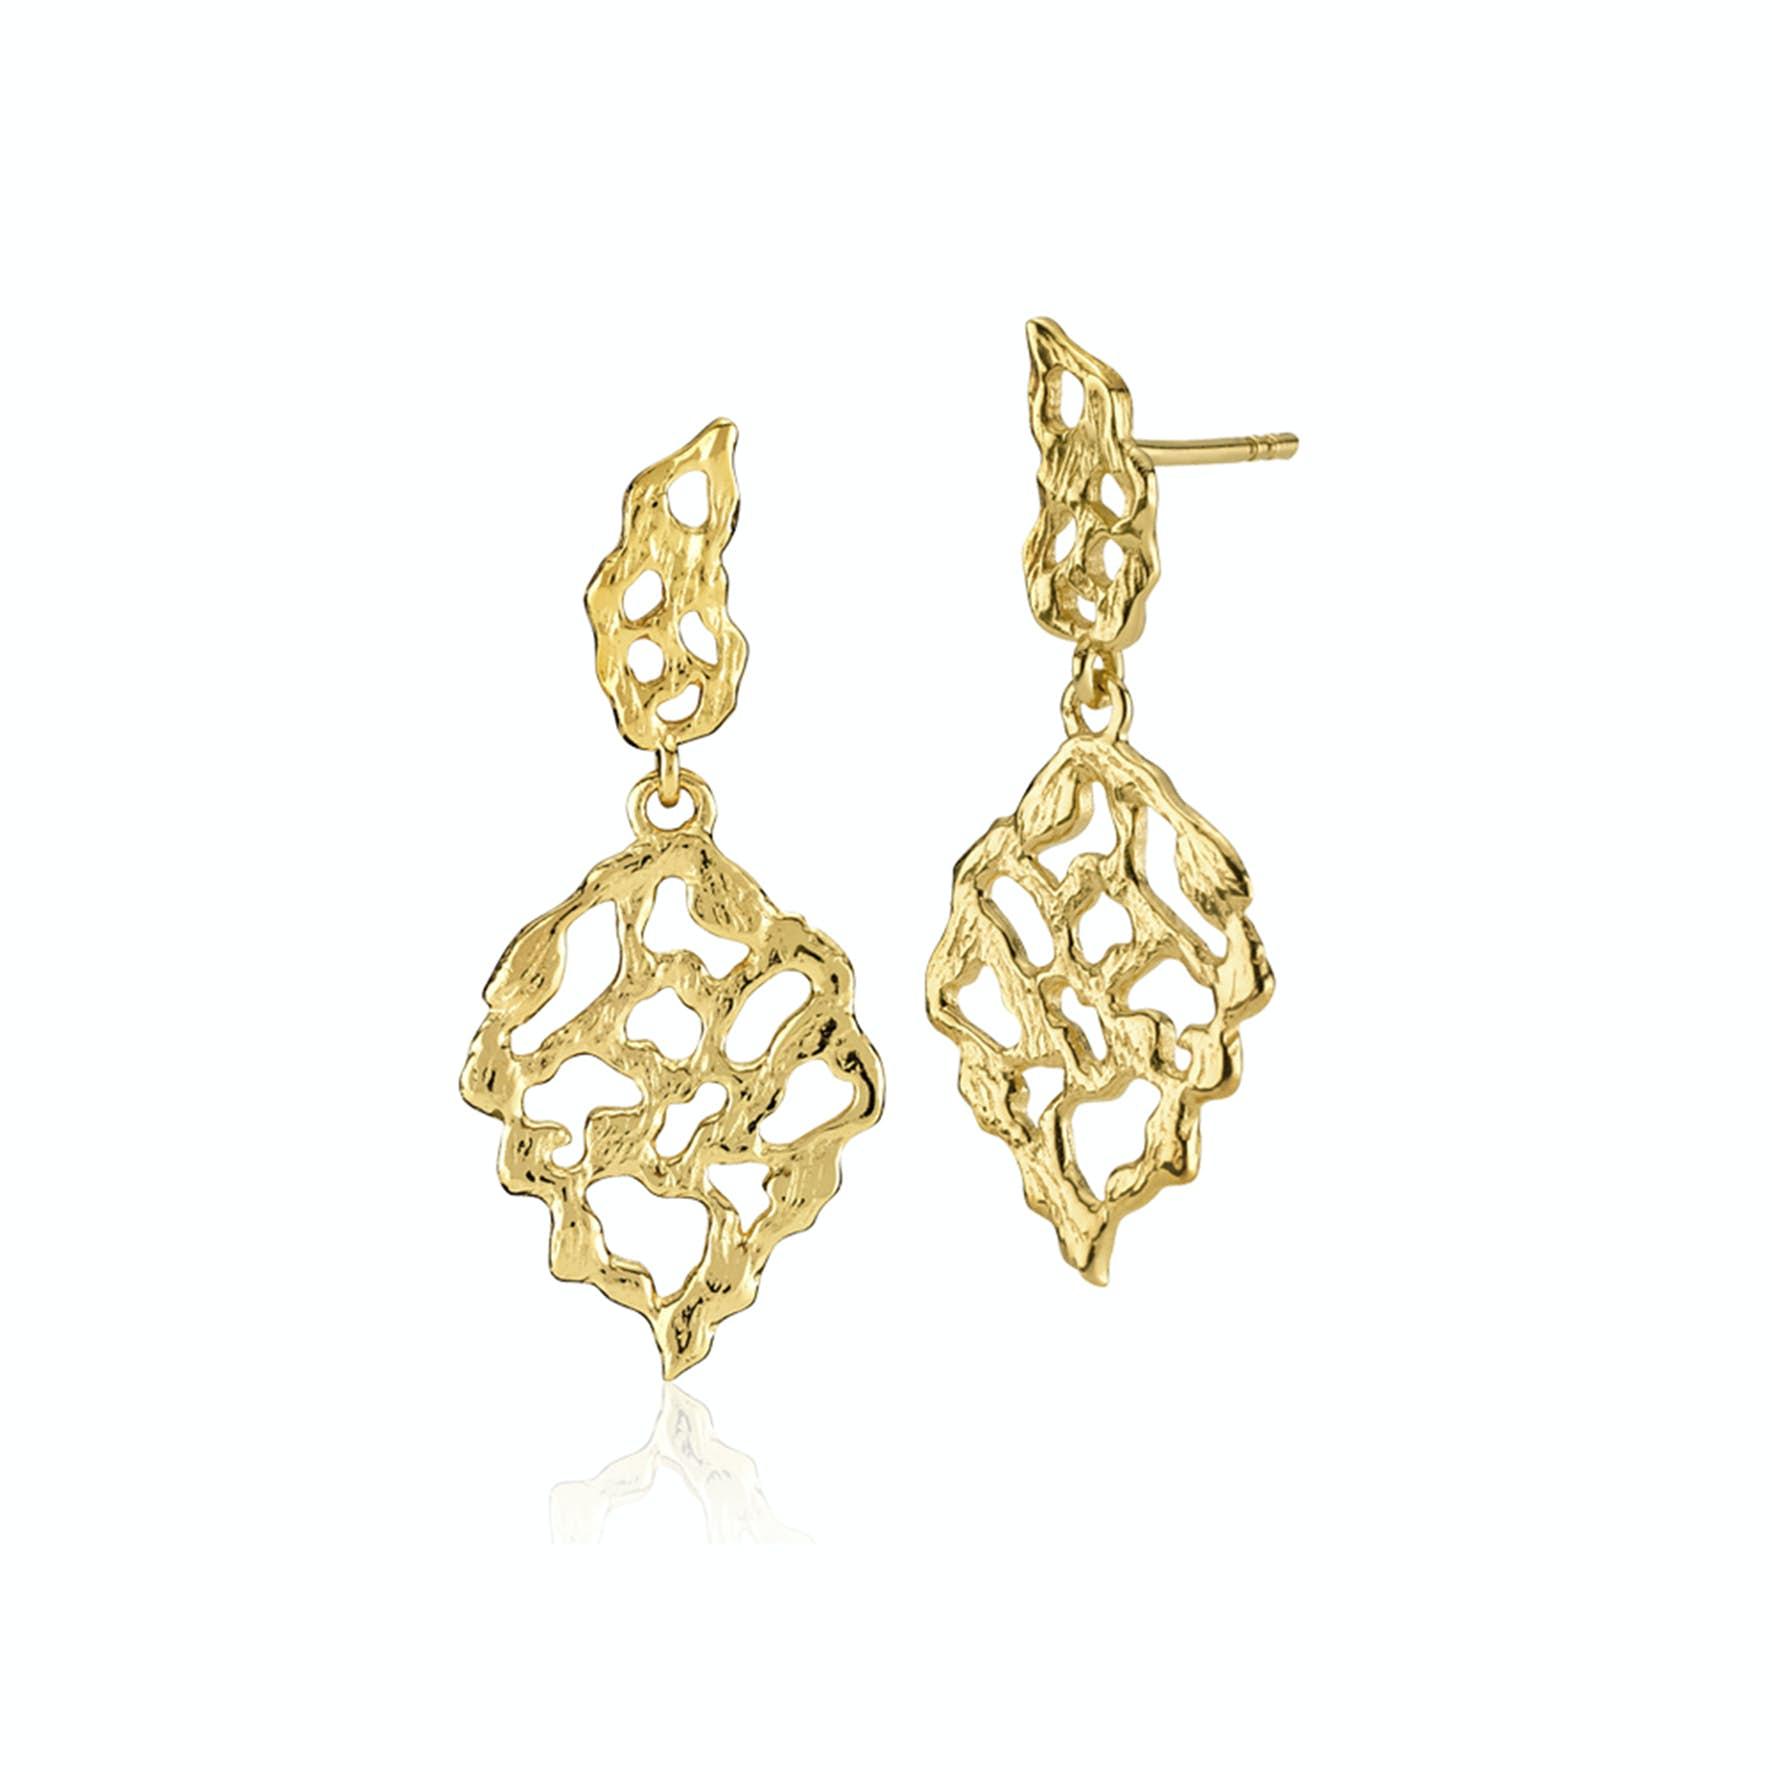 Holly Earrings fra Izabel Camille i Forgylt-Sølv Sterling 925